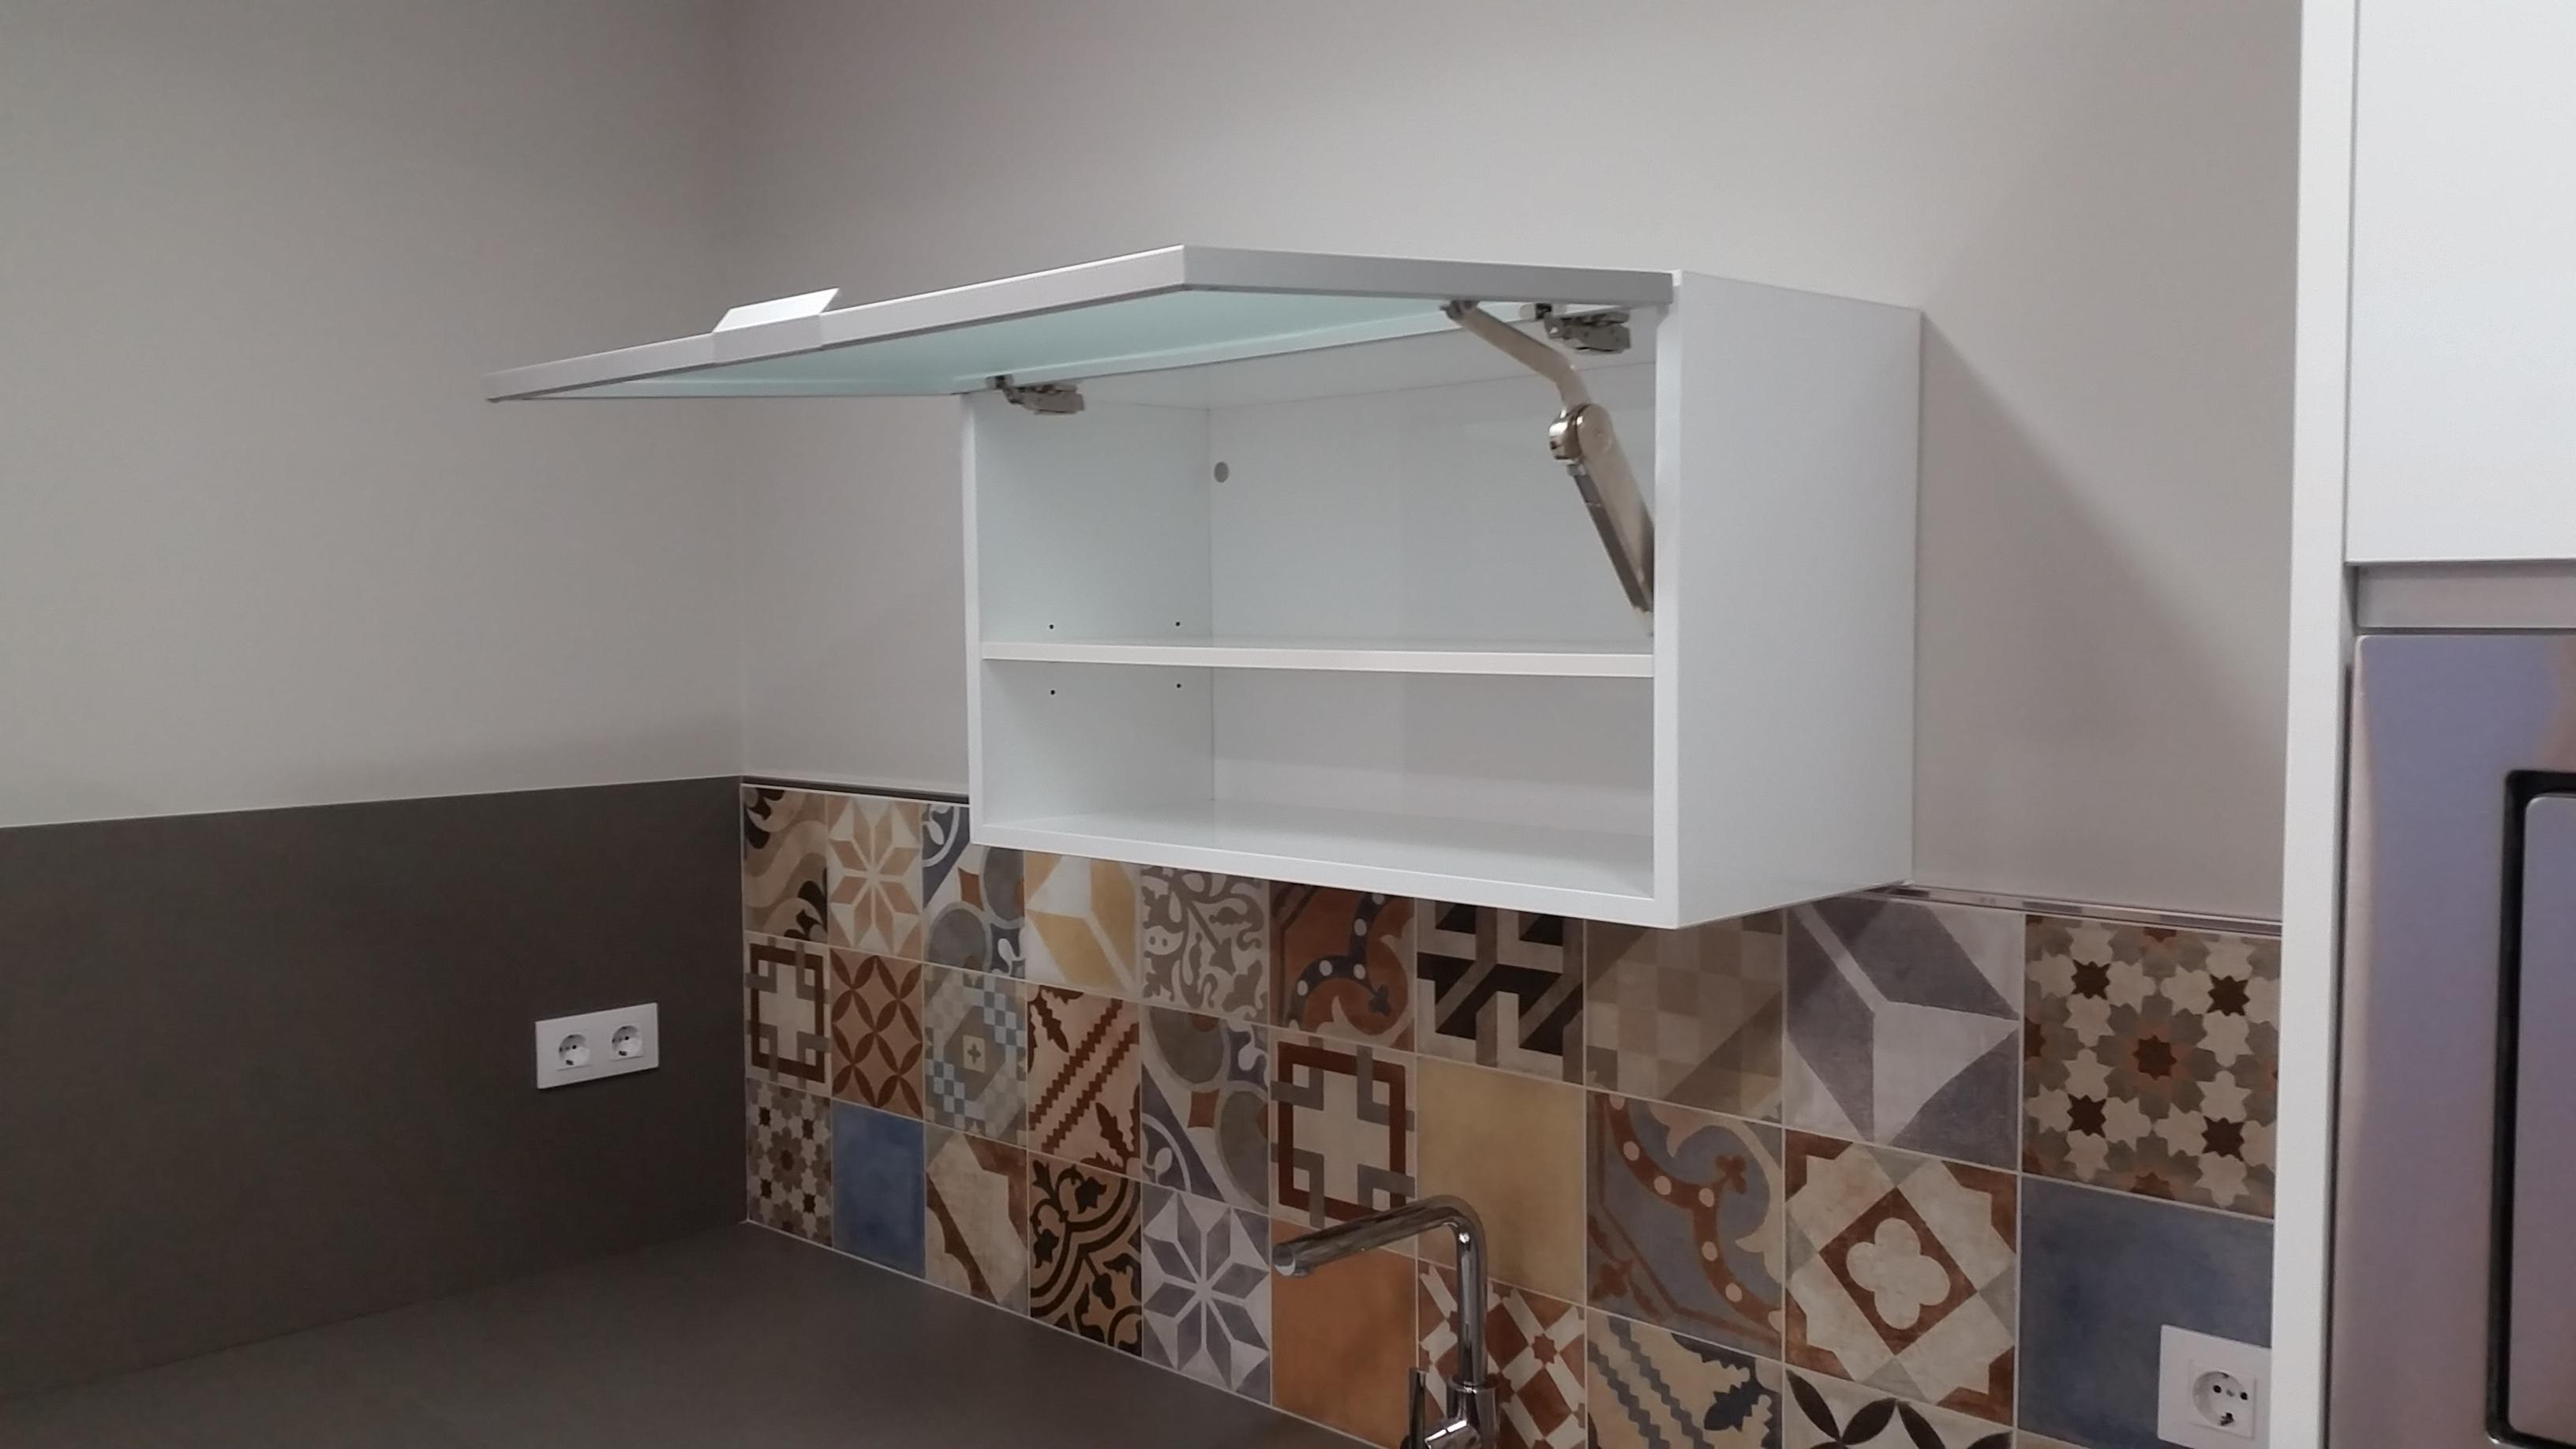 despues-Baños-express-Baño-reforma-coruña-cambio bañera por plato de ducha-aseo-renovar-contratista-empresa-de-reformas-renueve su casa_4